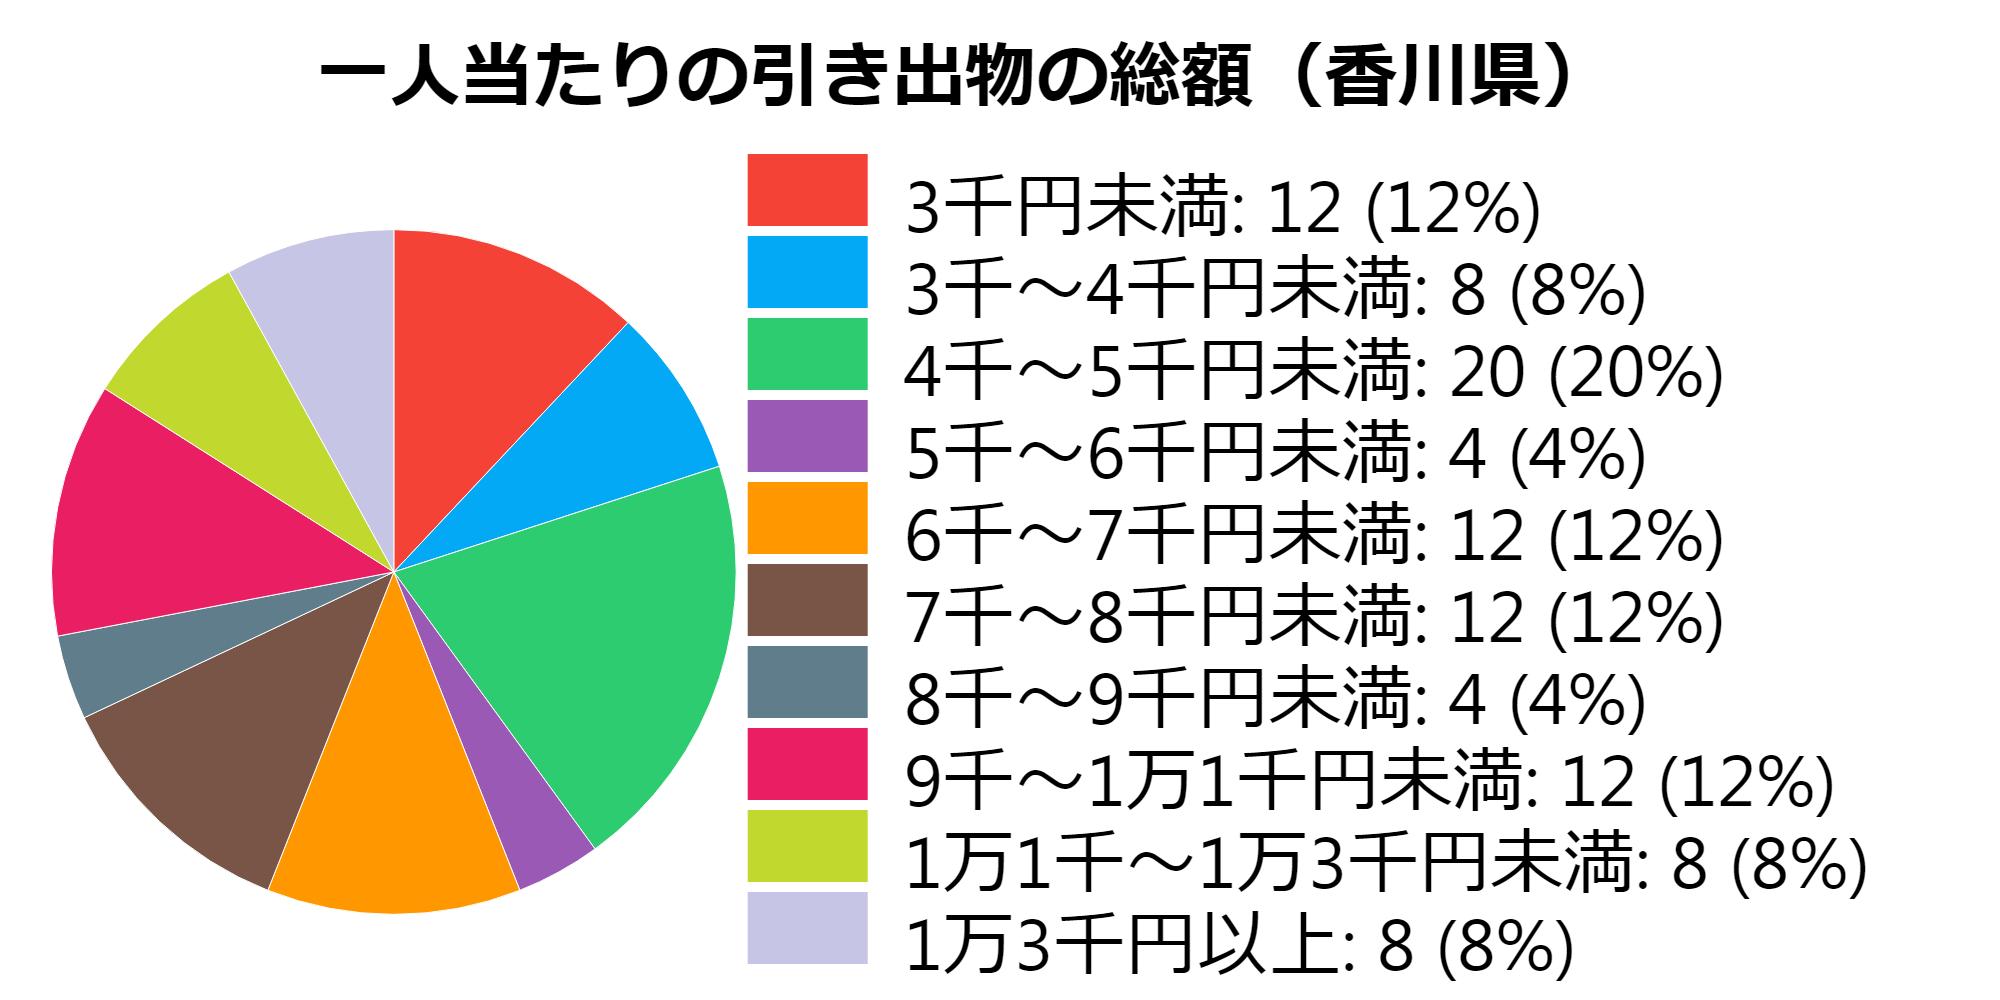 総額(香川県)